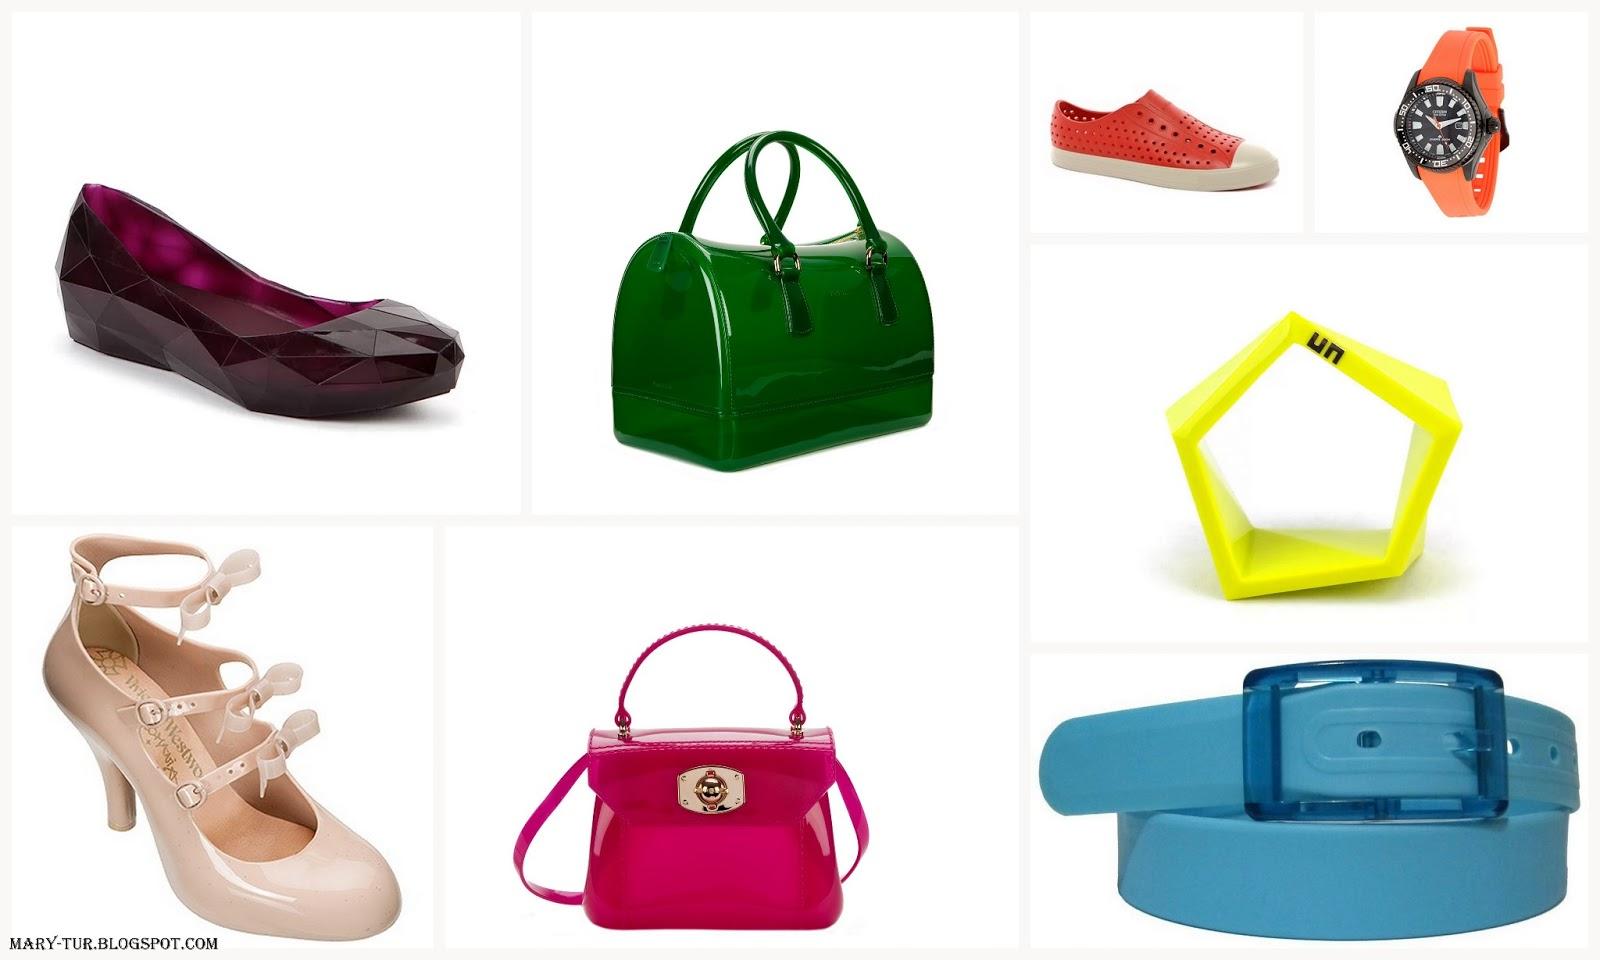 Немного самоиронии: обувь, сумки и аксессуары из резины